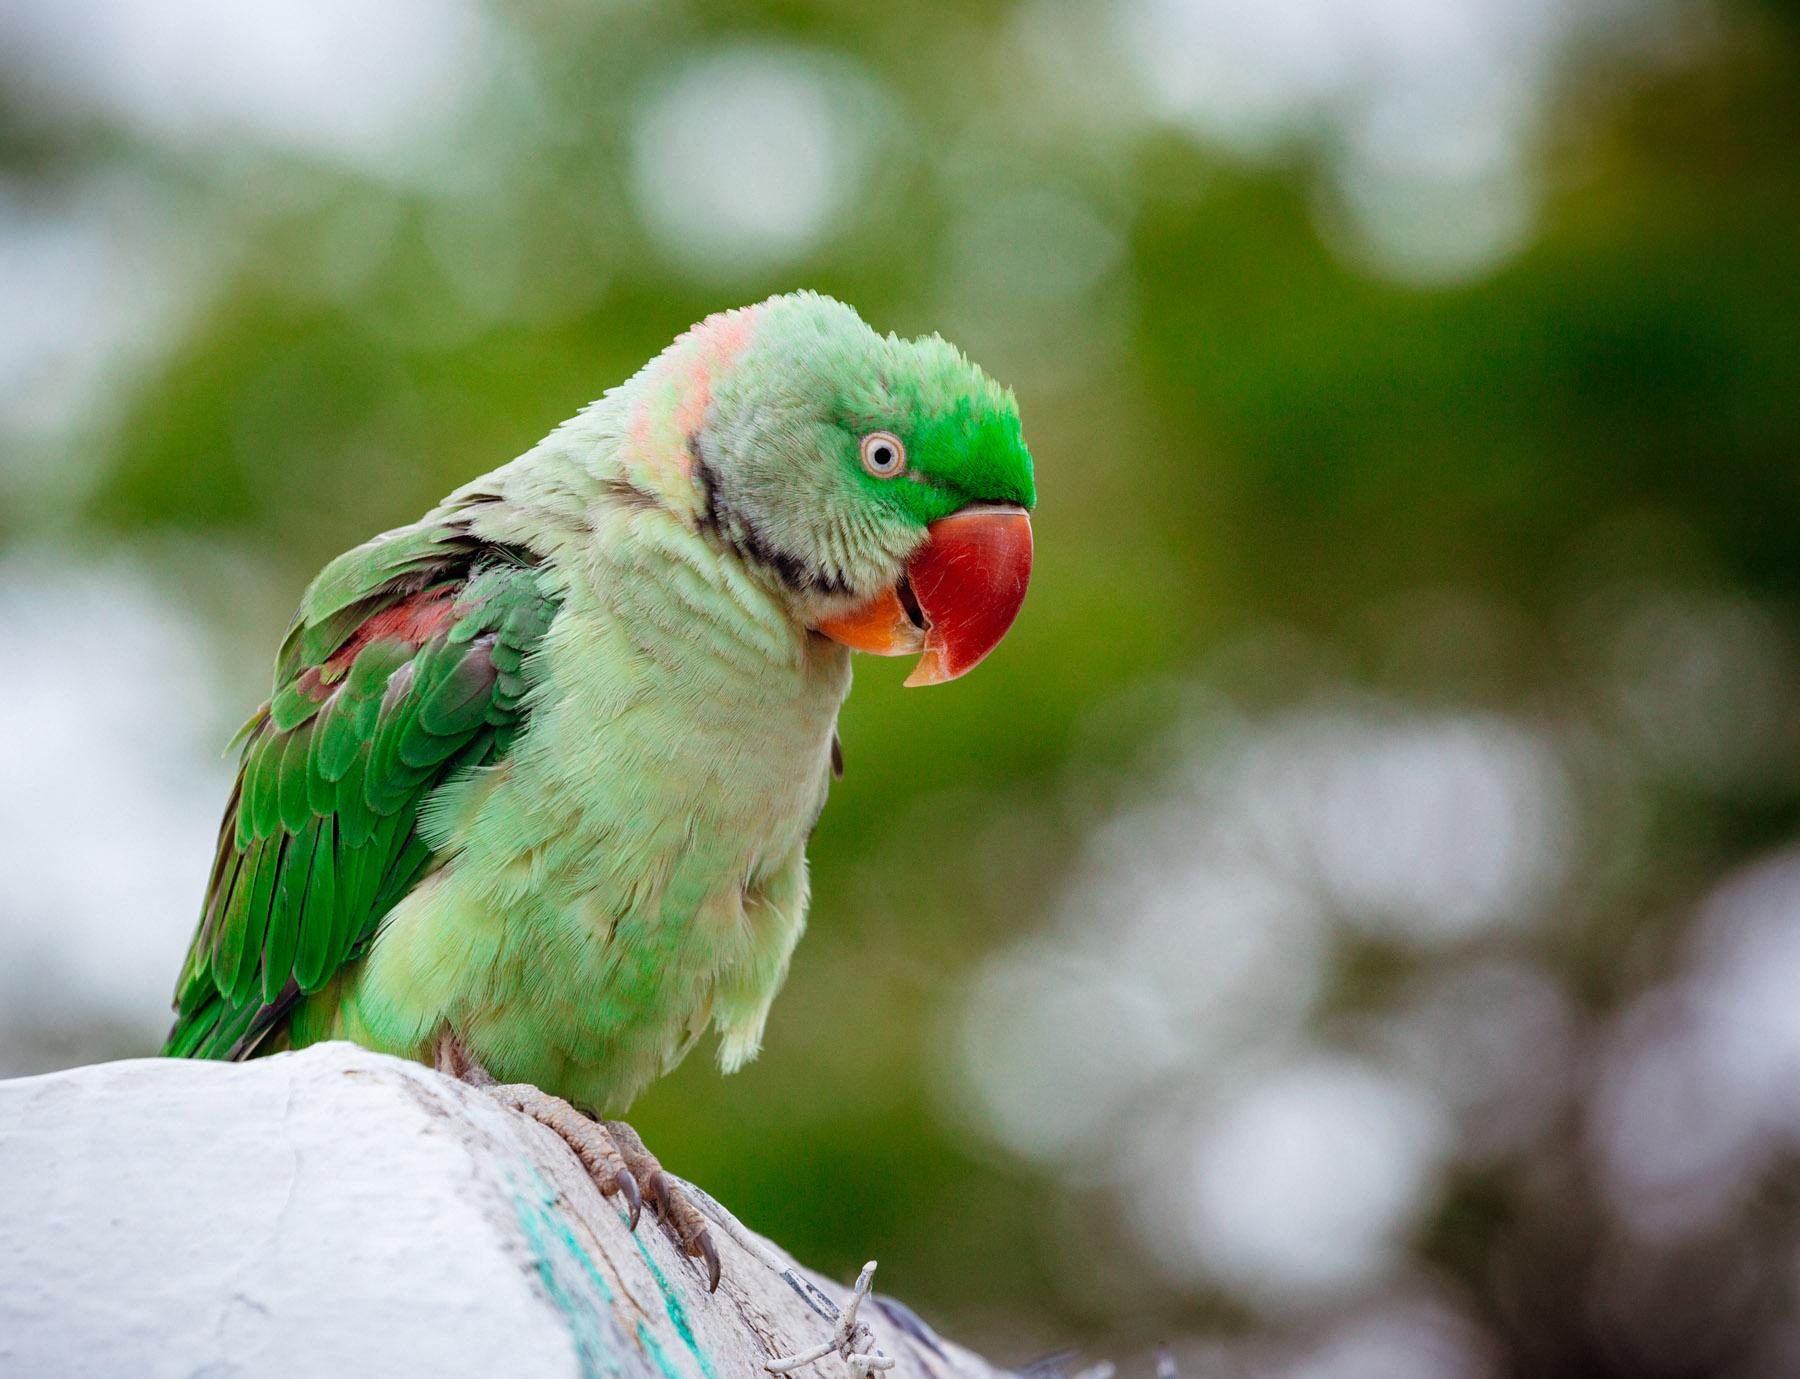 A wild parrot